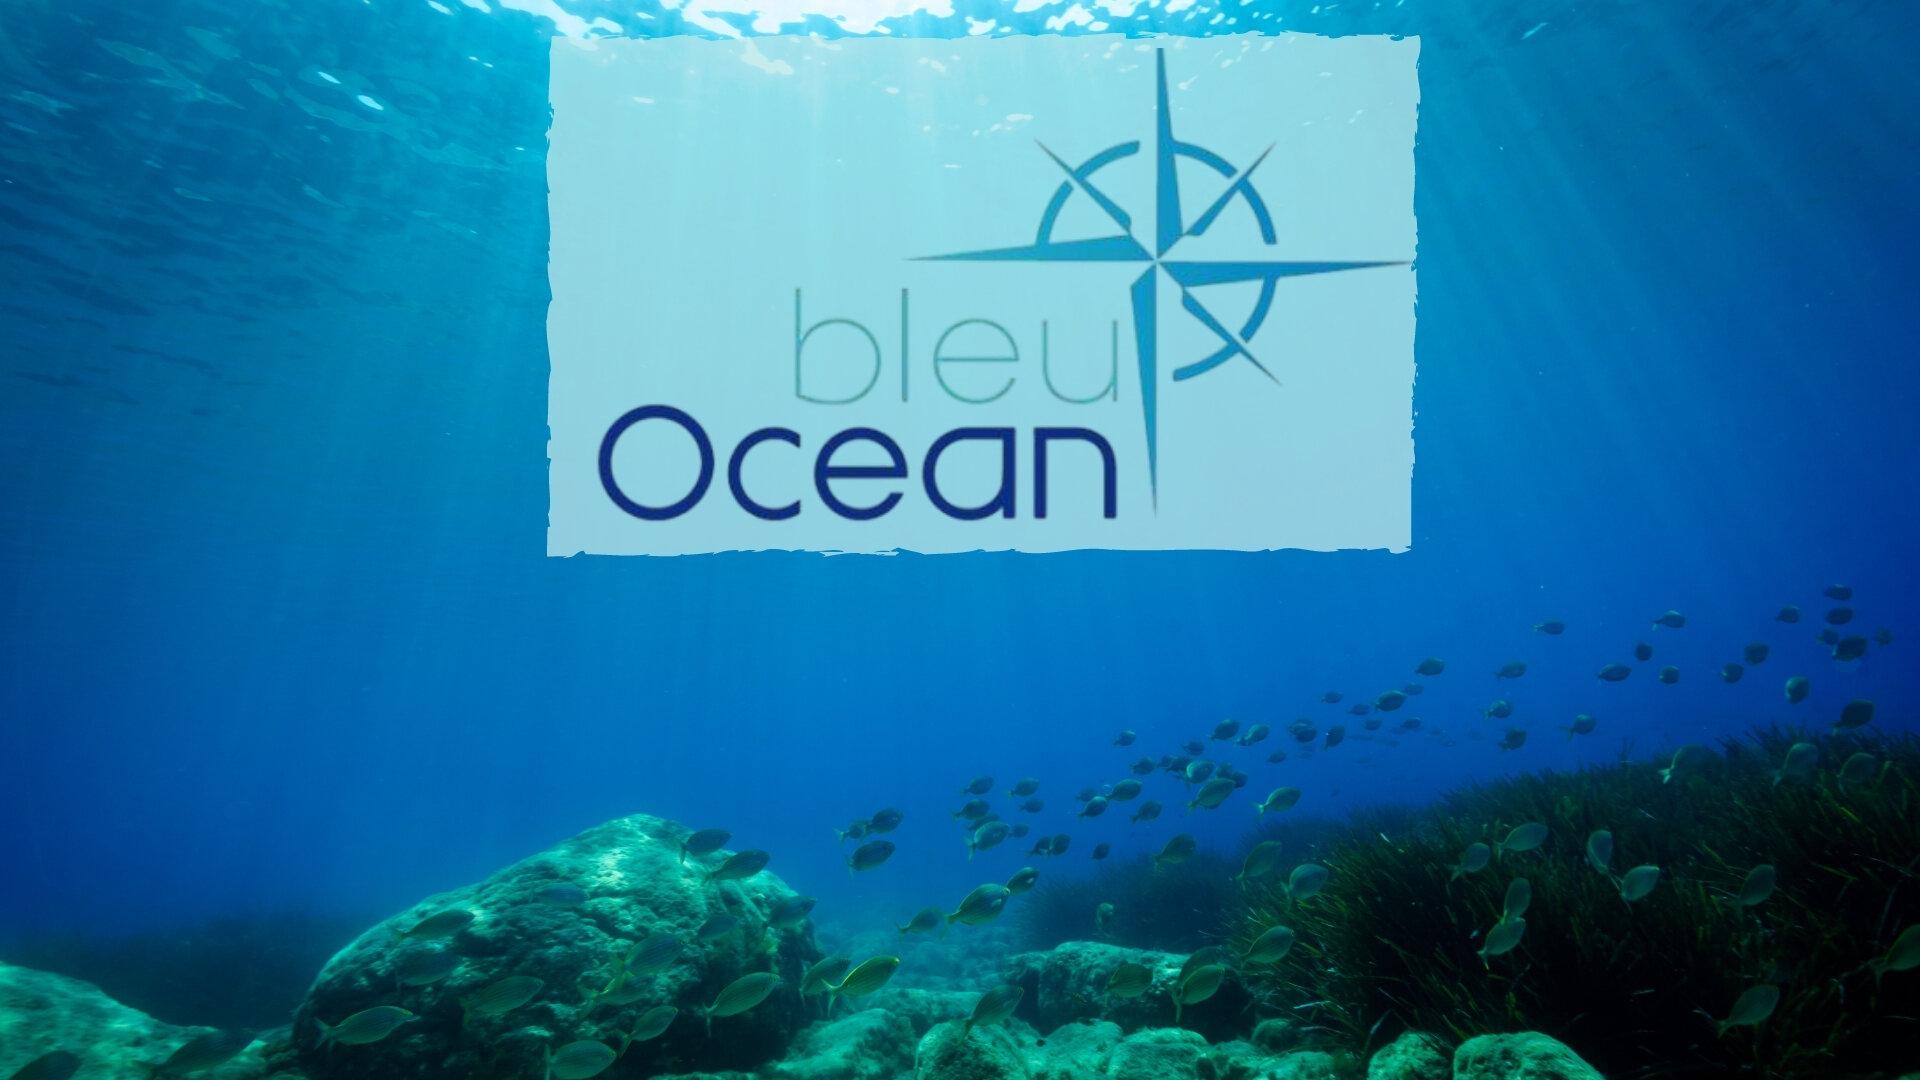 Bleu océan : Pêche gardée en Polynésie